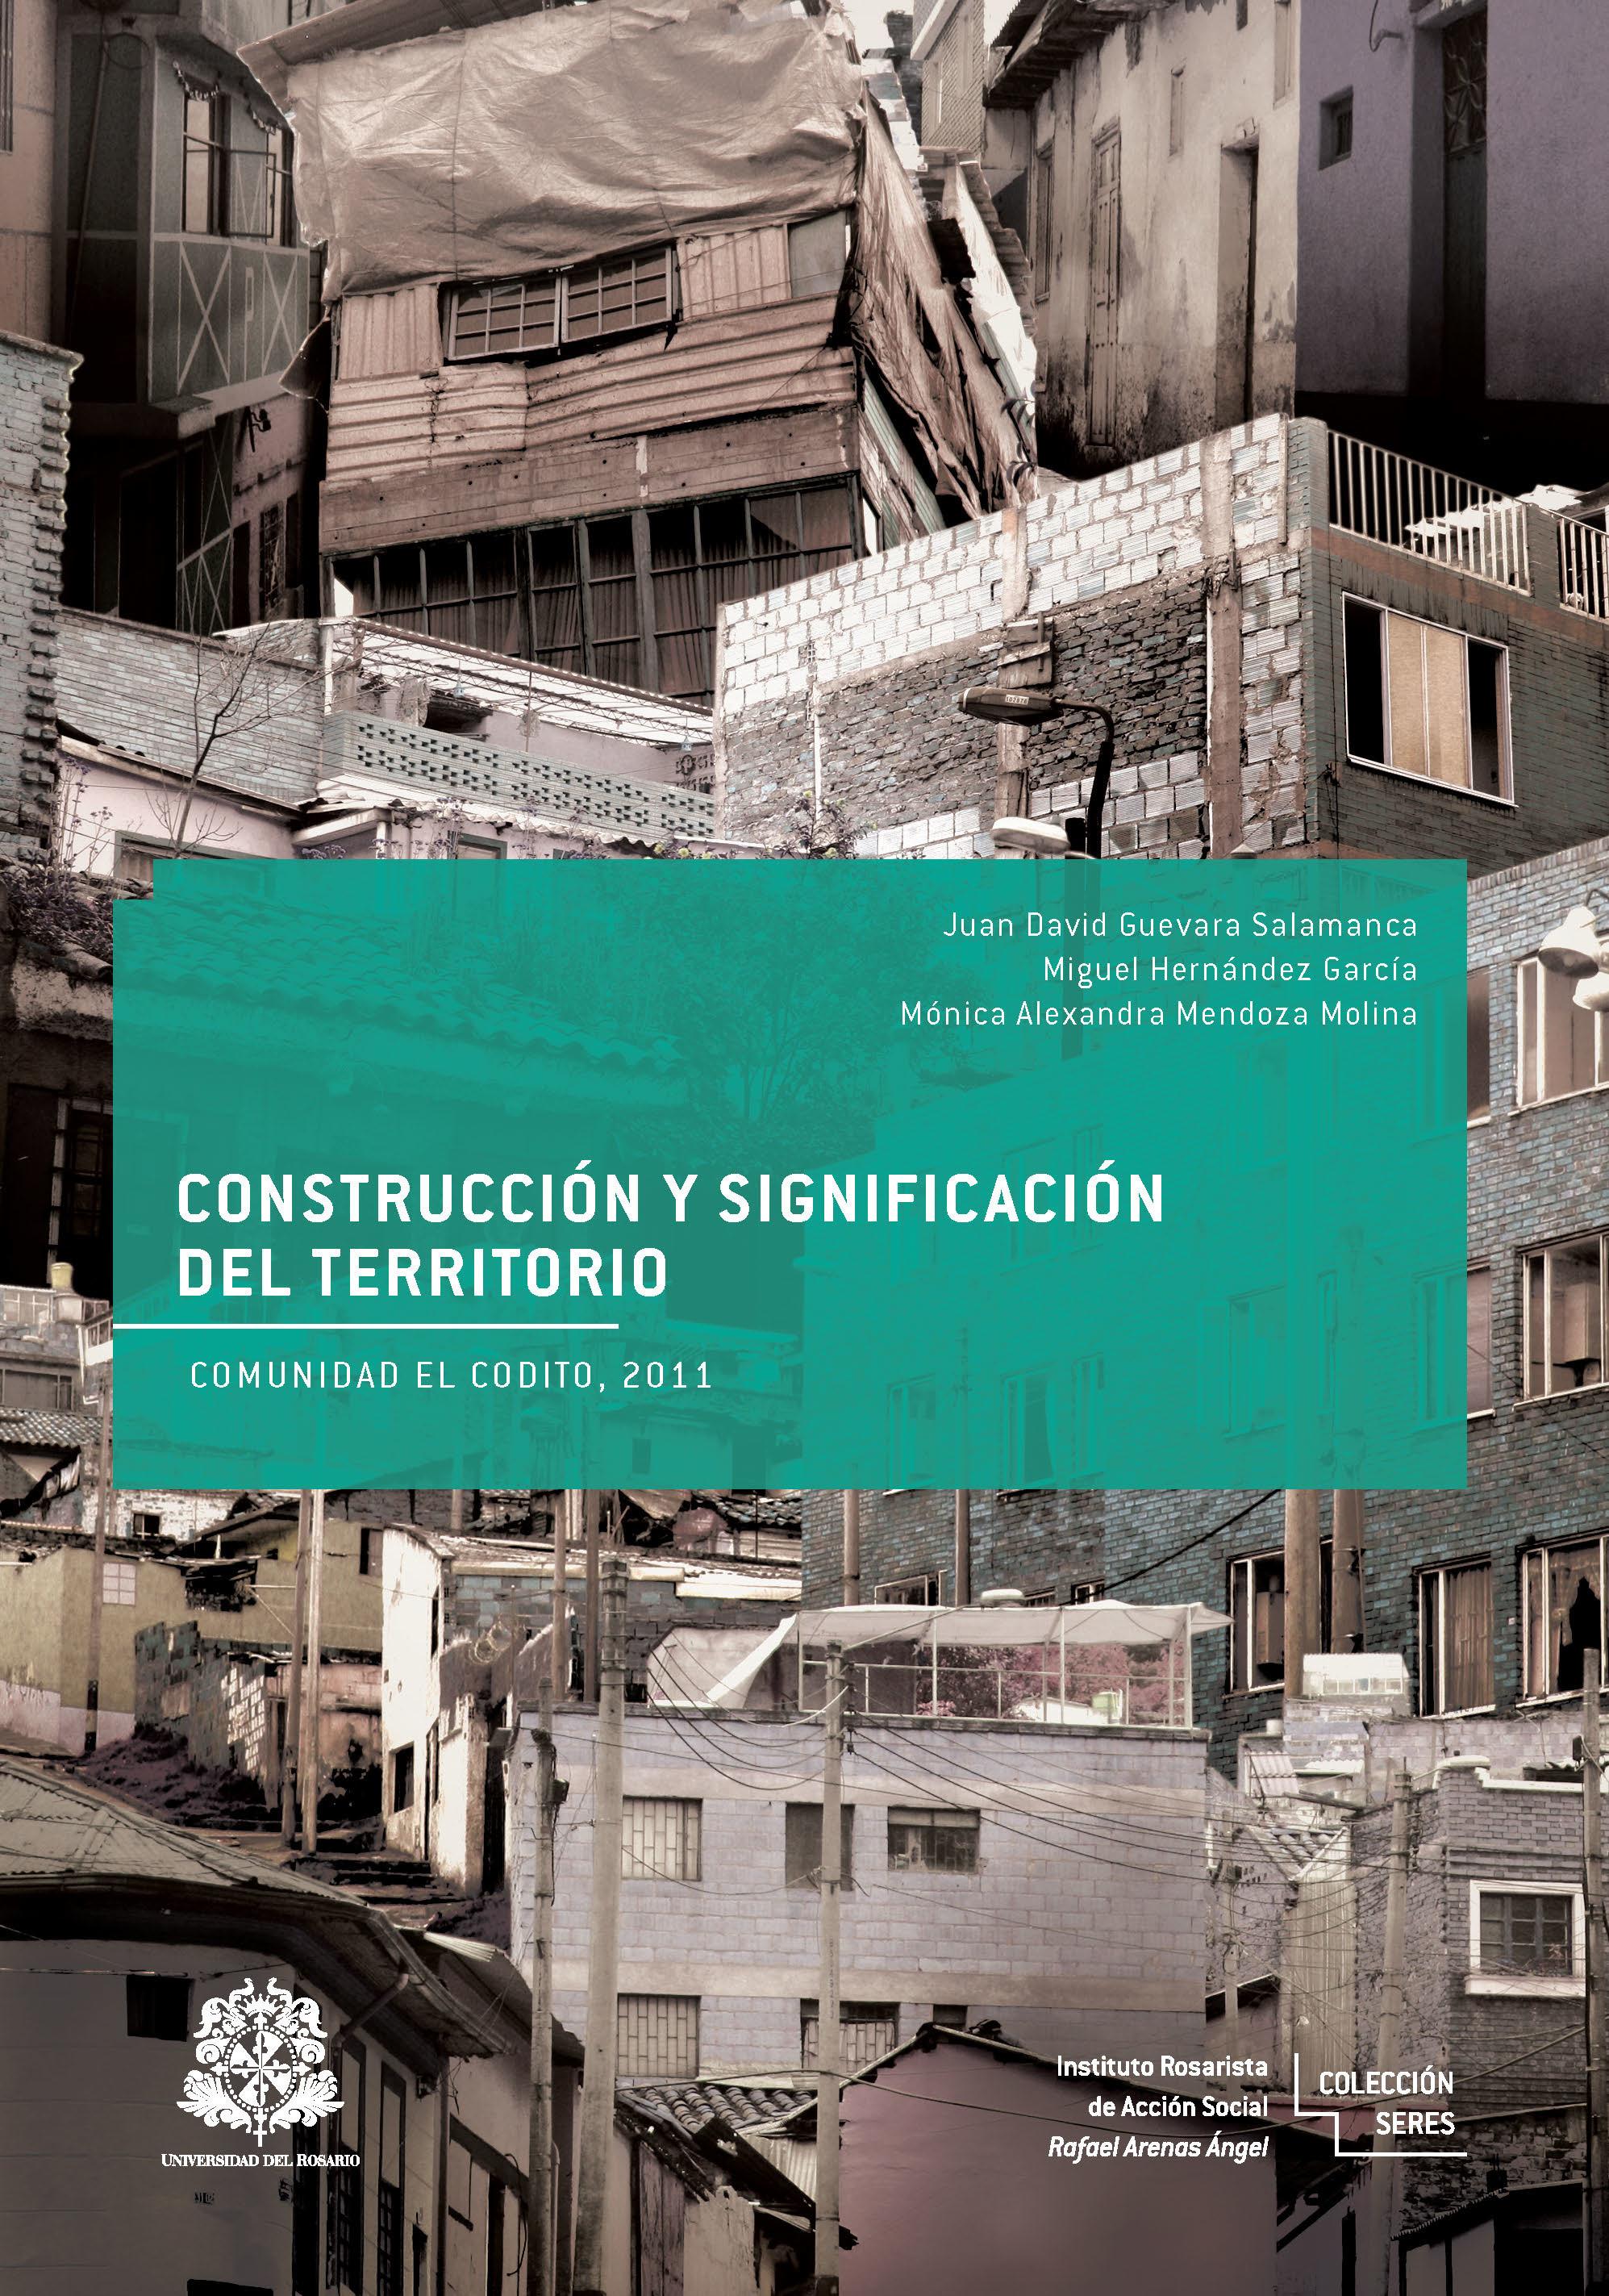 Construcción y significación del territorio